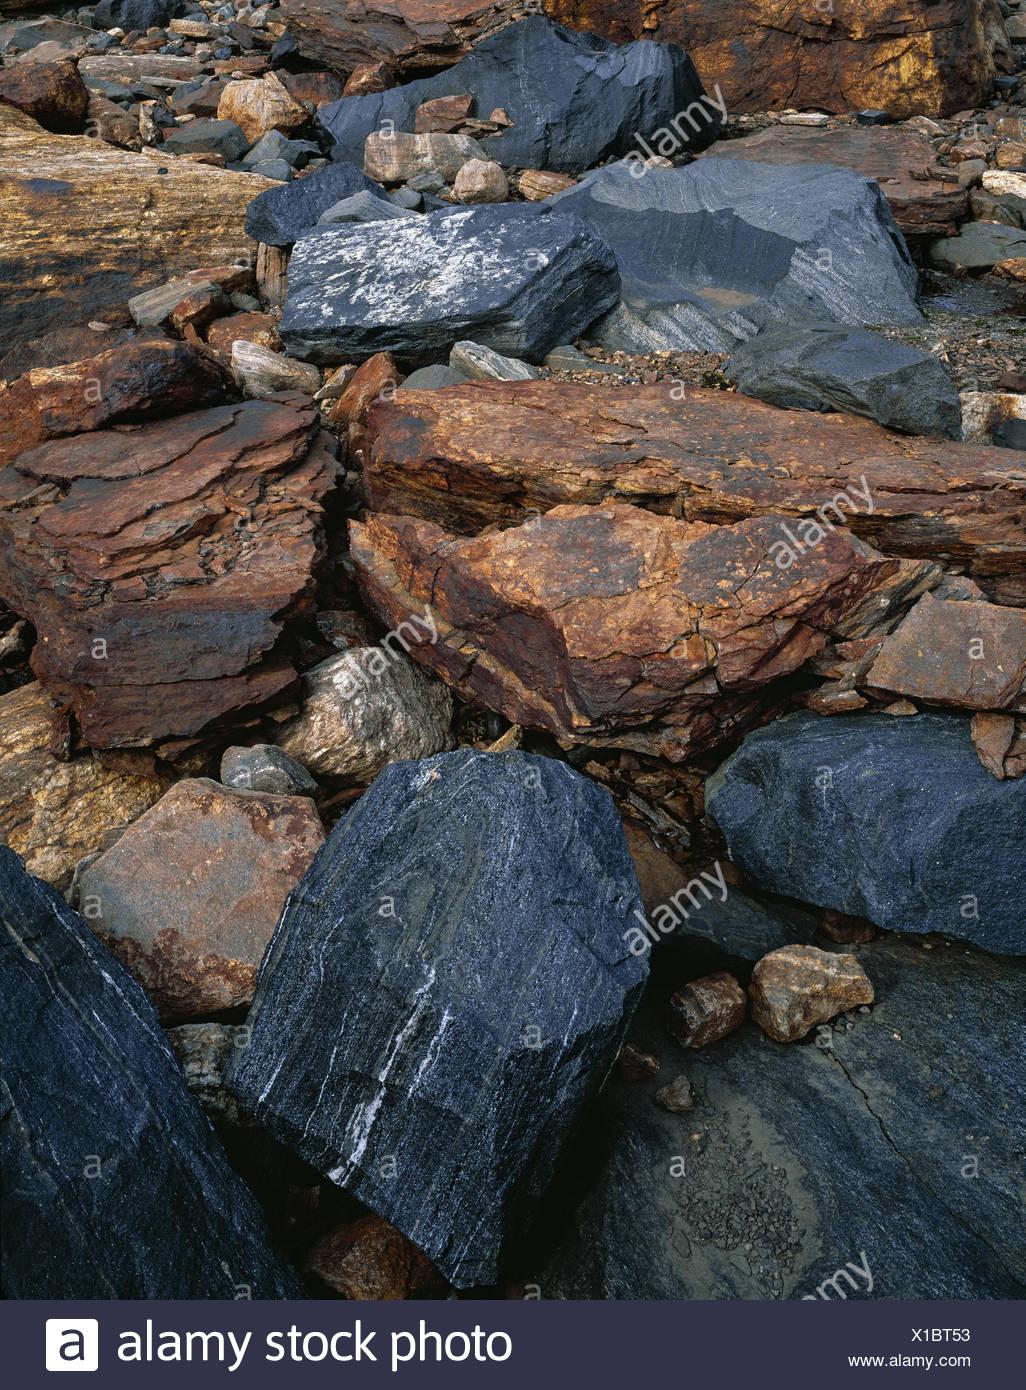 Bile lumps, Sweden, Lapland, Unna Räitavagge, - Stock Image